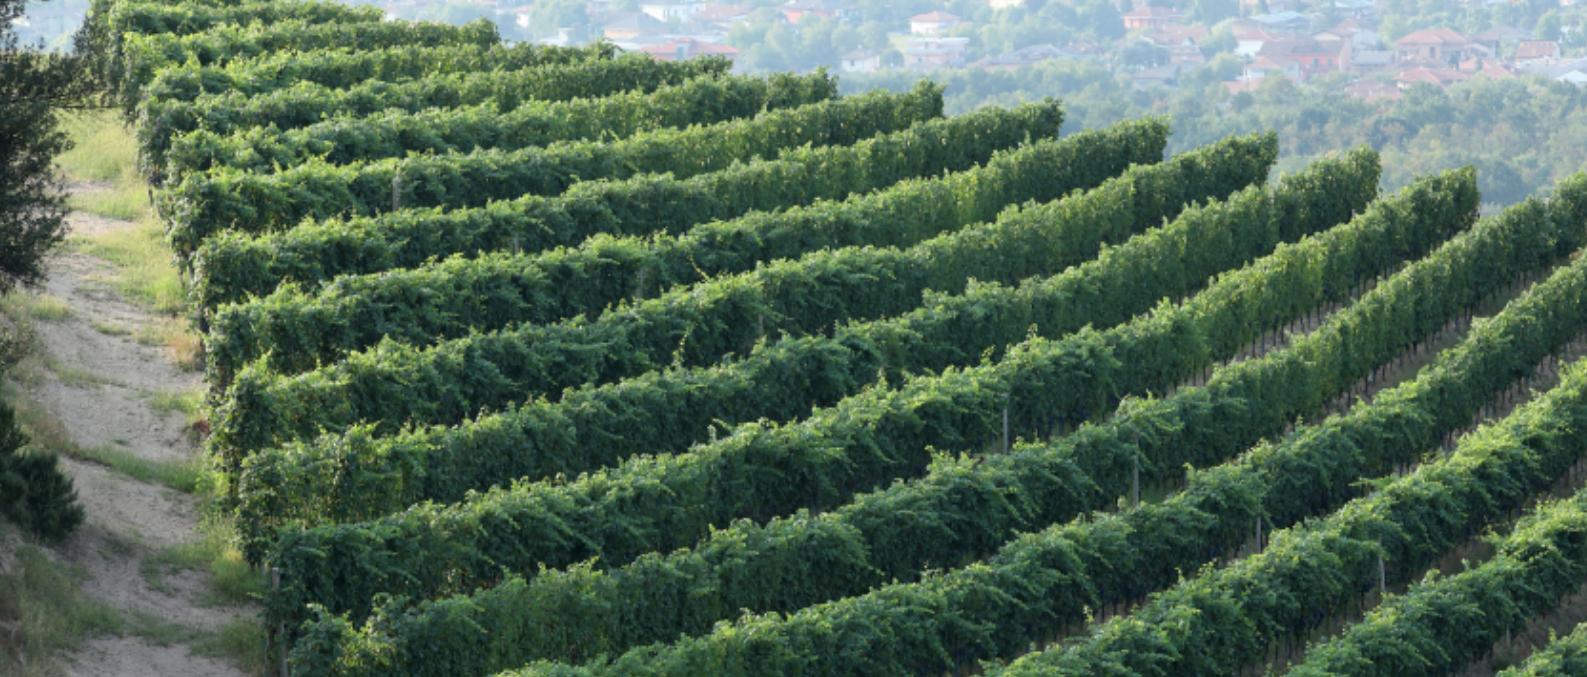 Nervi Gattinara vines in Piemonte